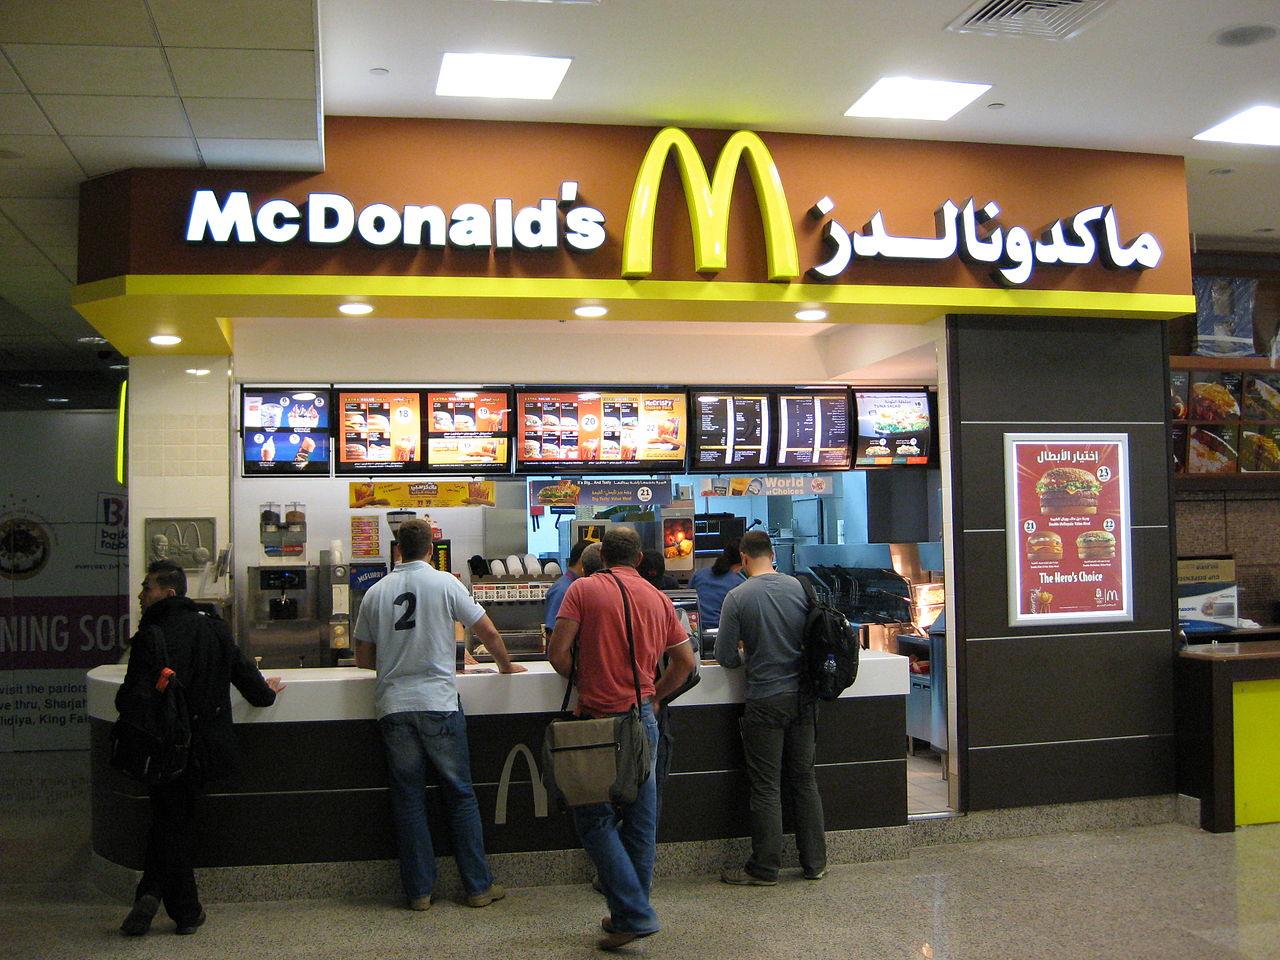 McDonalds and Tesco Promotional Mix - UK Essays